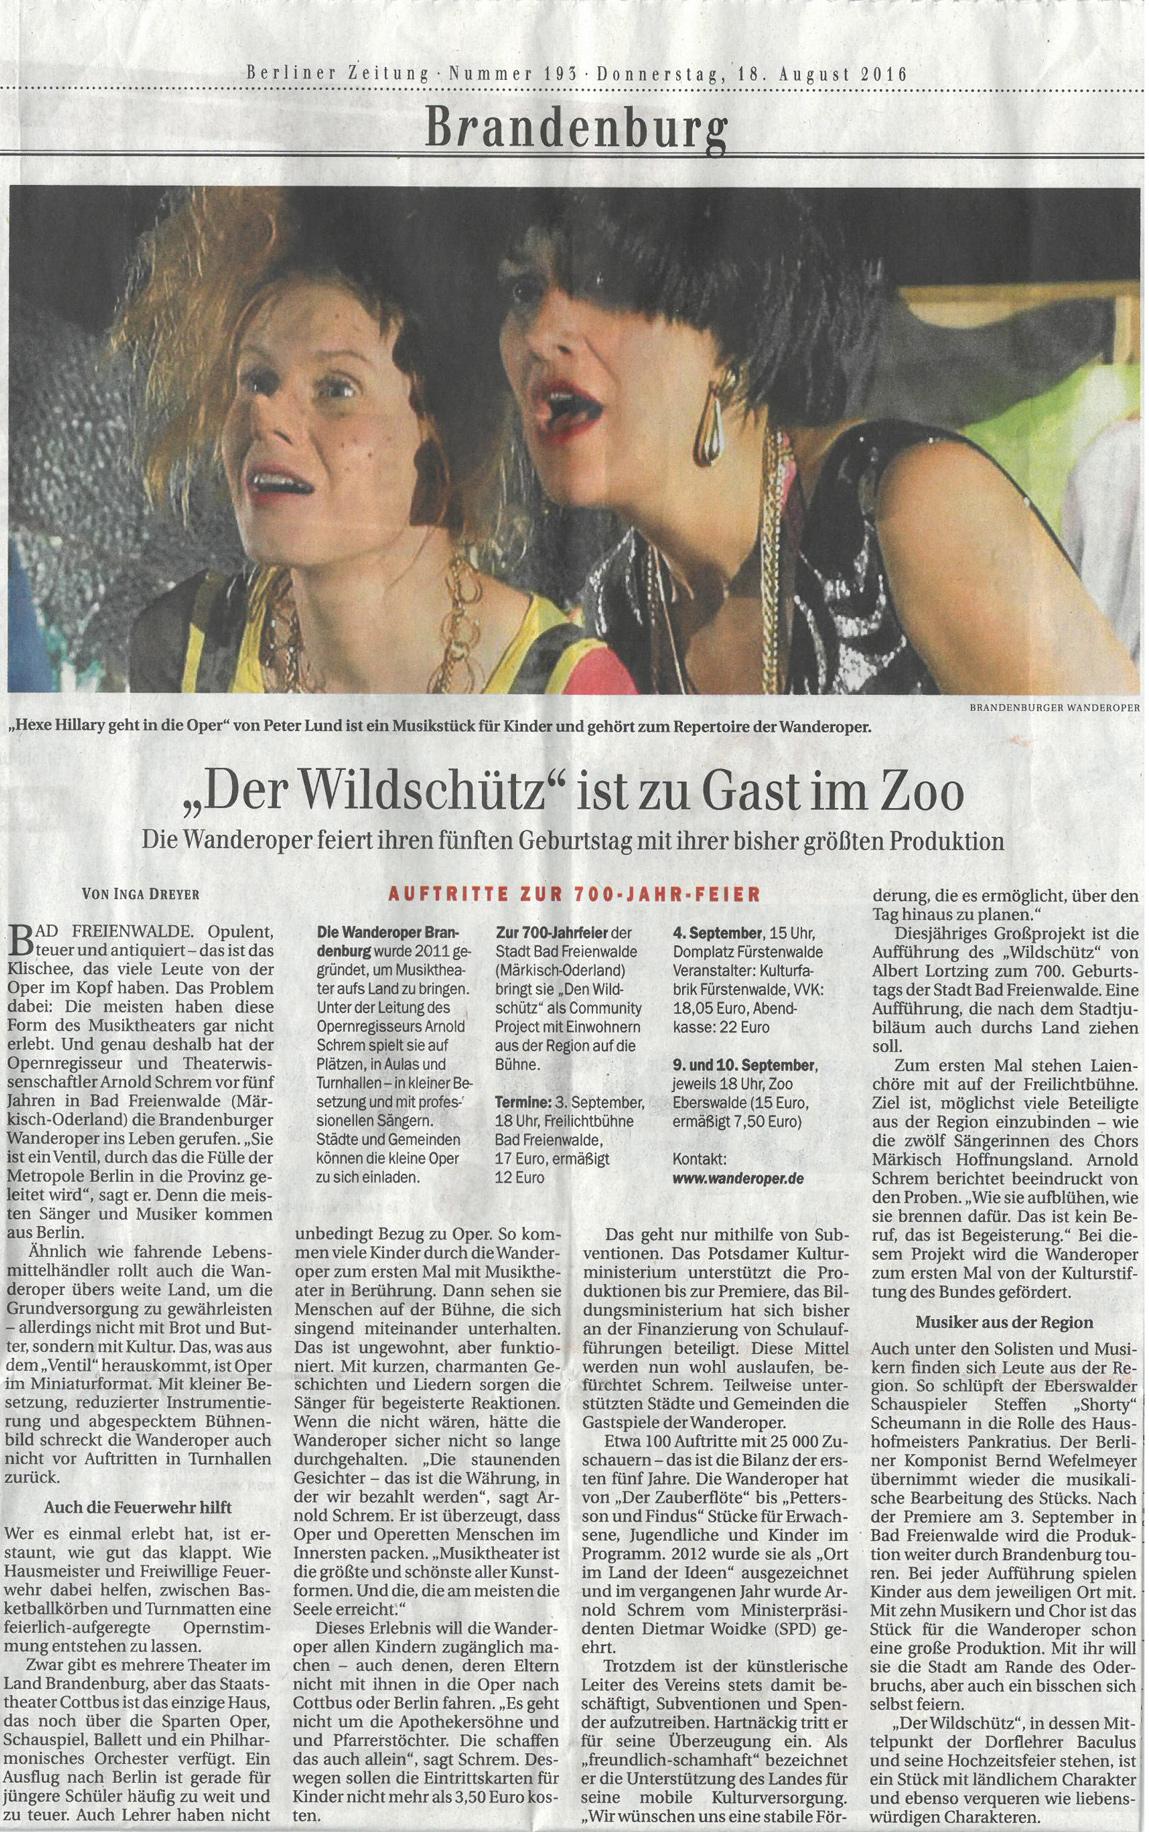 wanderoper_wildschu%cc%88tz_berliner_zeitung_august_2016